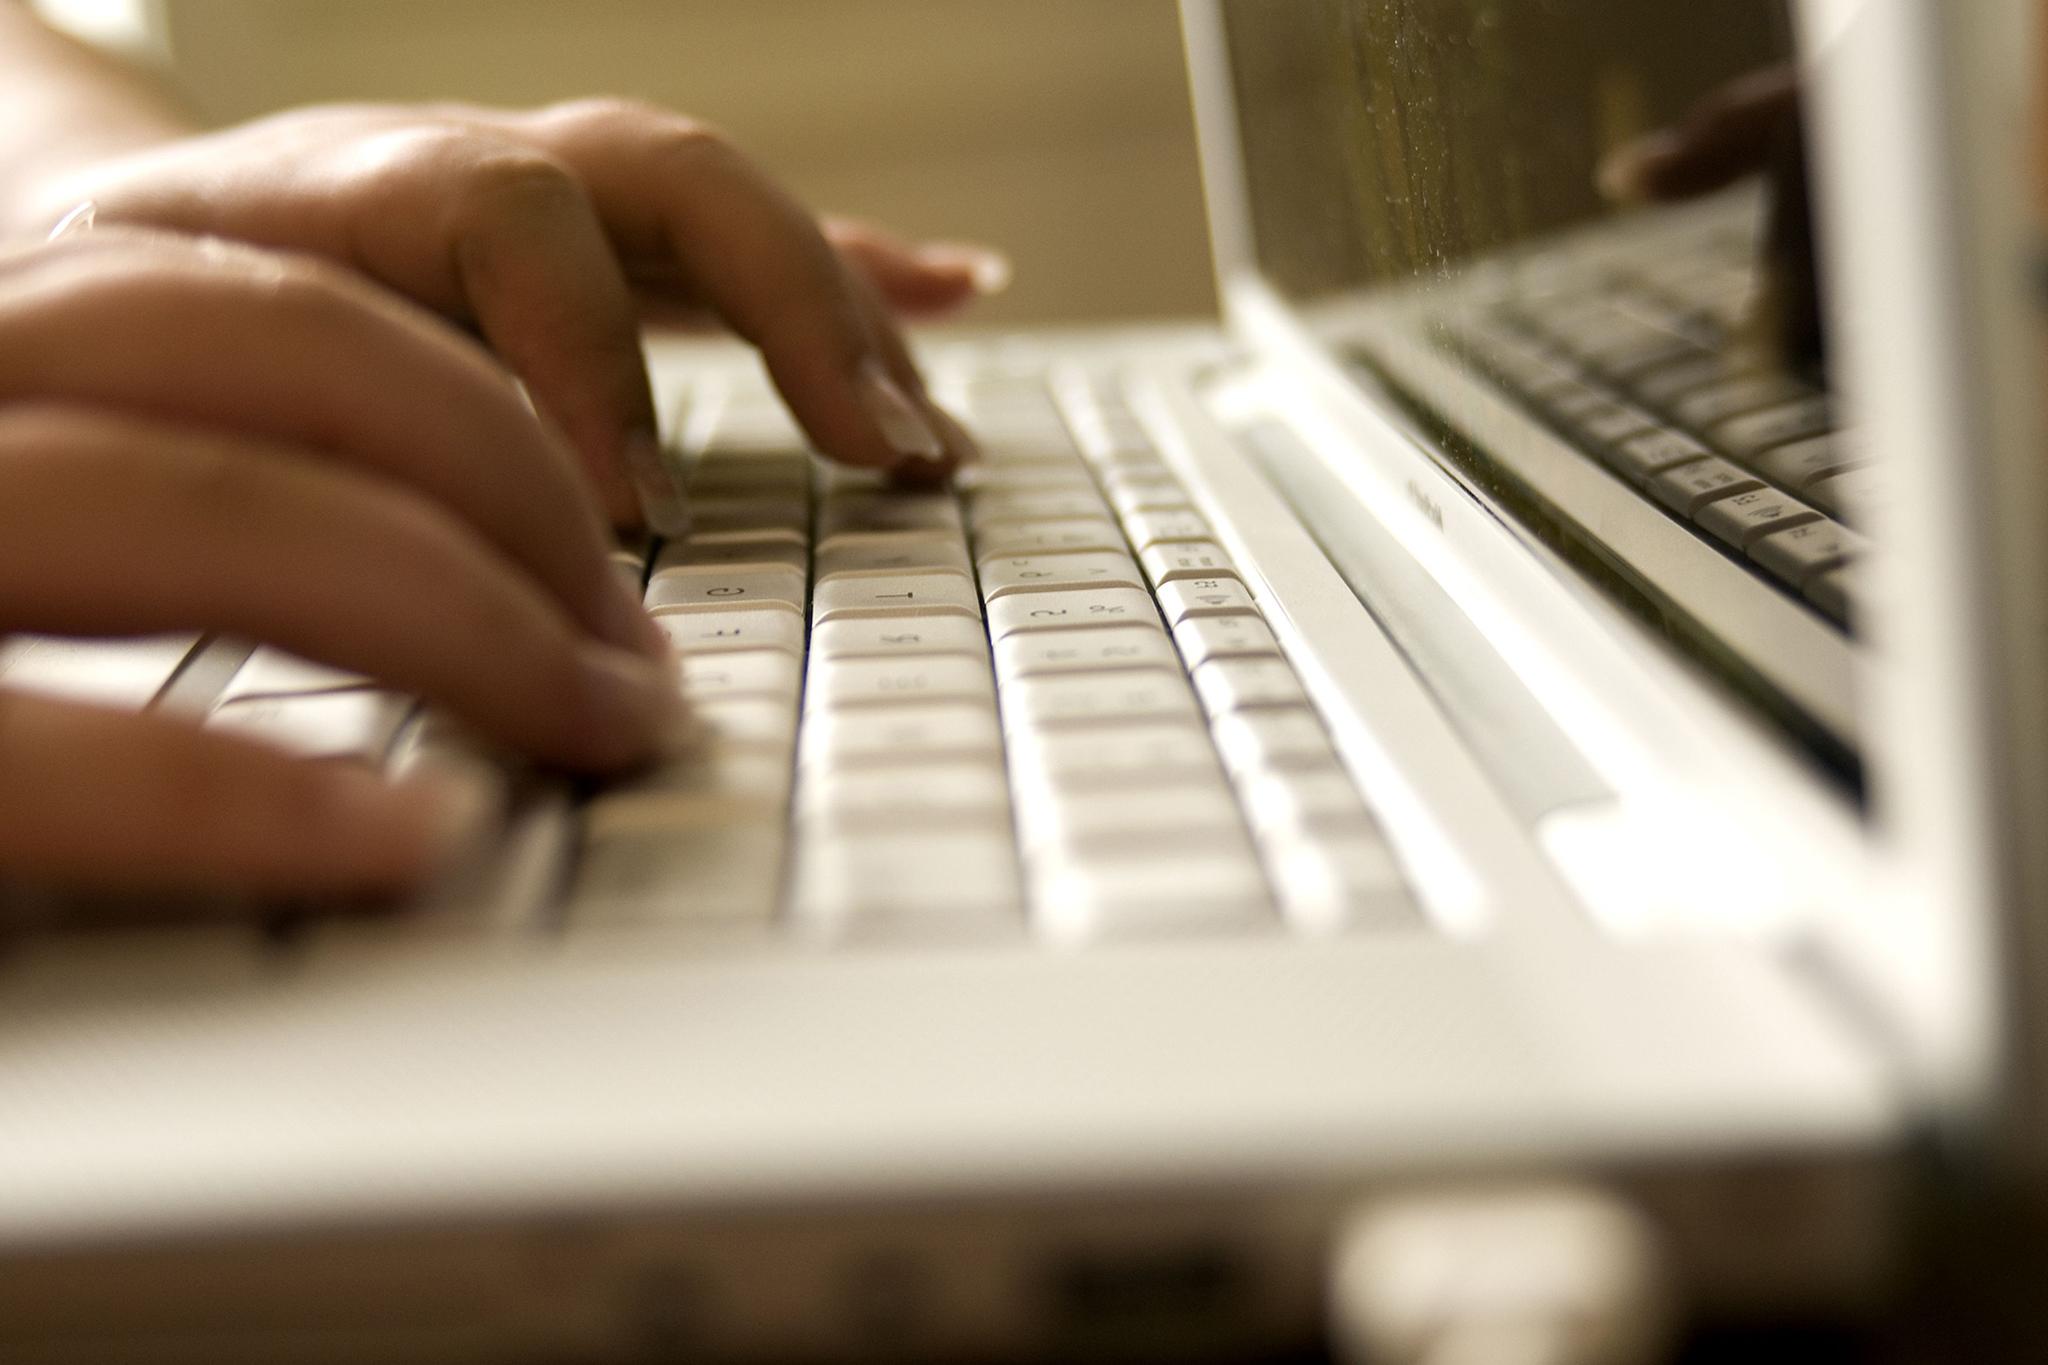 Laptop computer close up